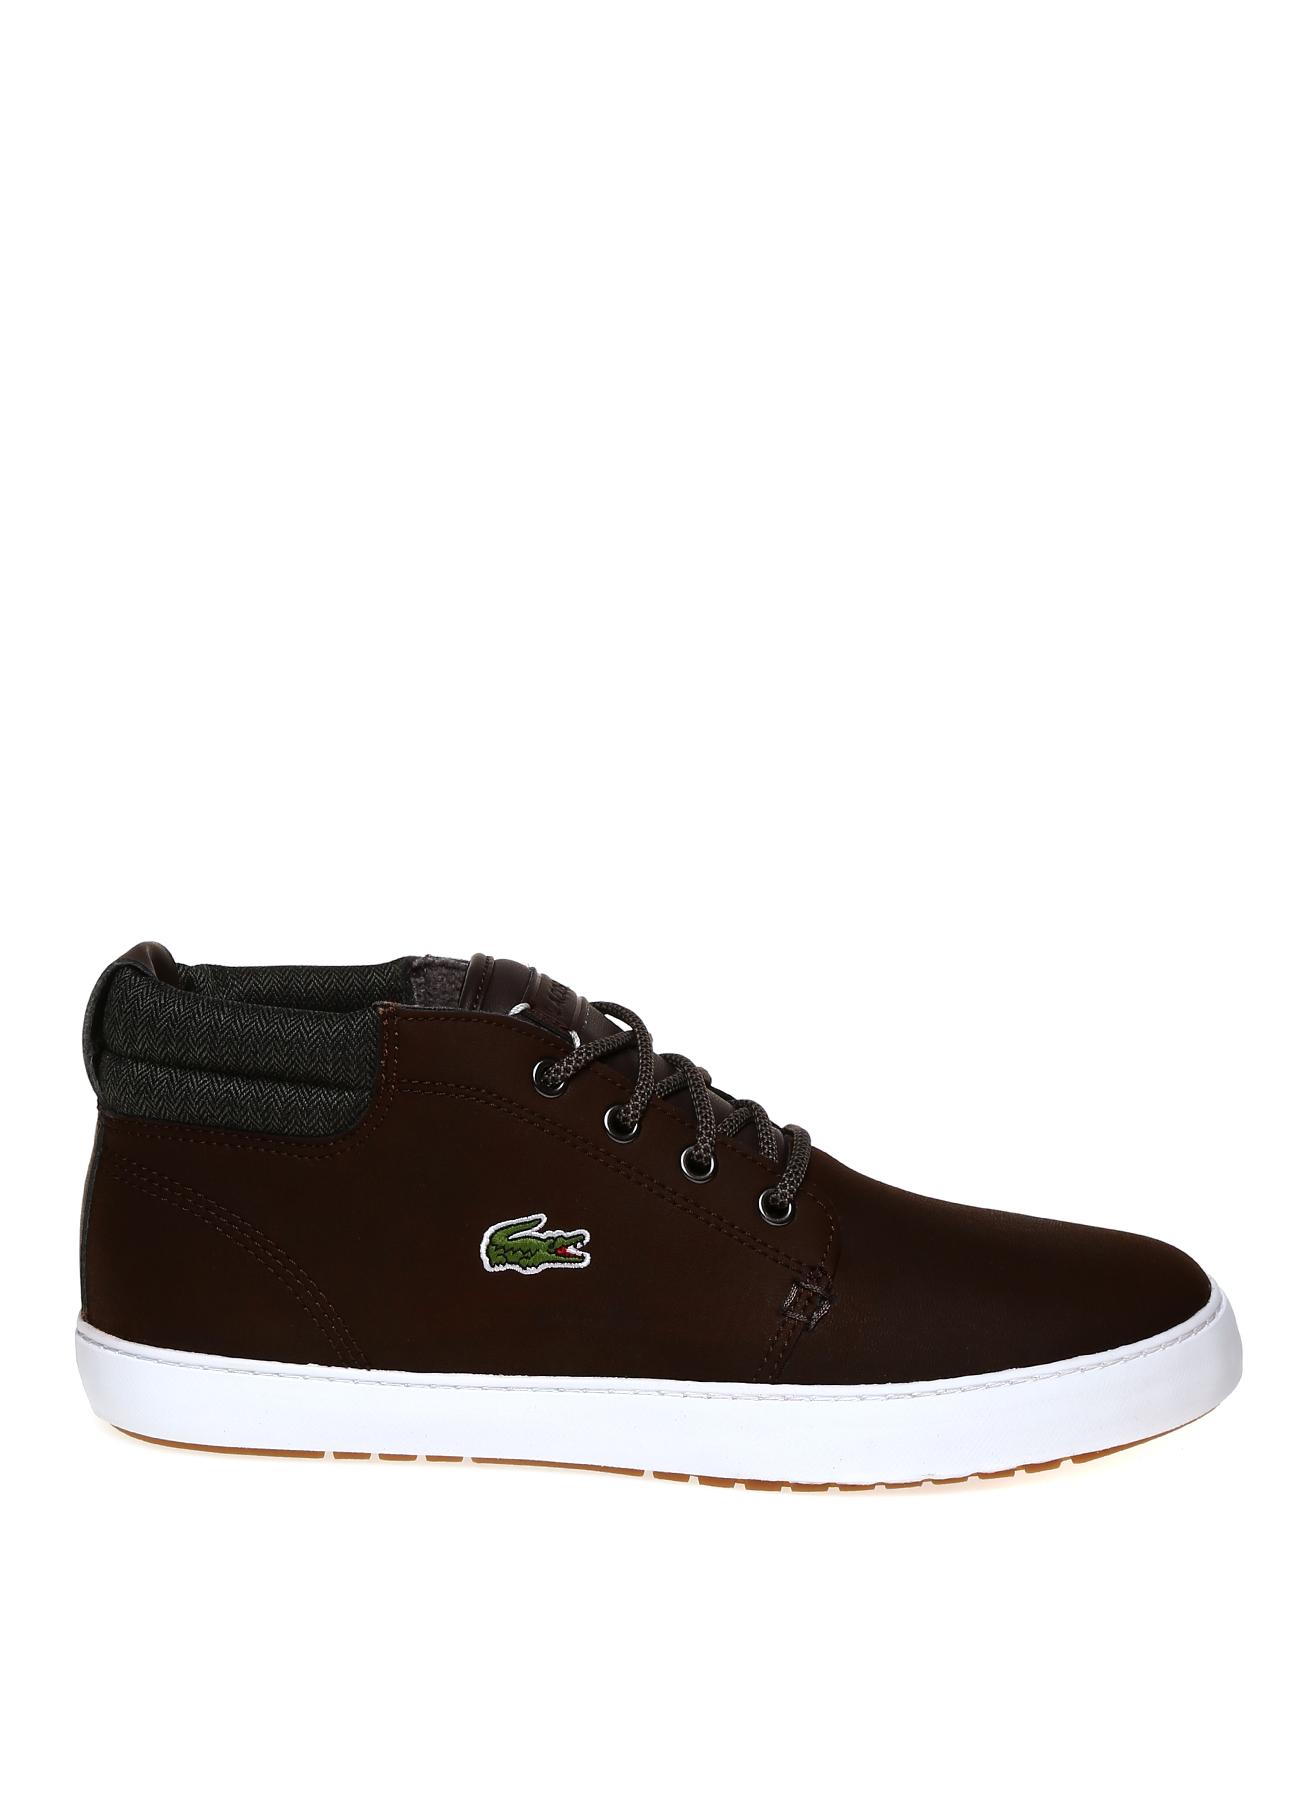 Lacoste Ampthil Terra Bordo Lifestyle Ayakkabı 43 5002314220005 Ürün Resmi